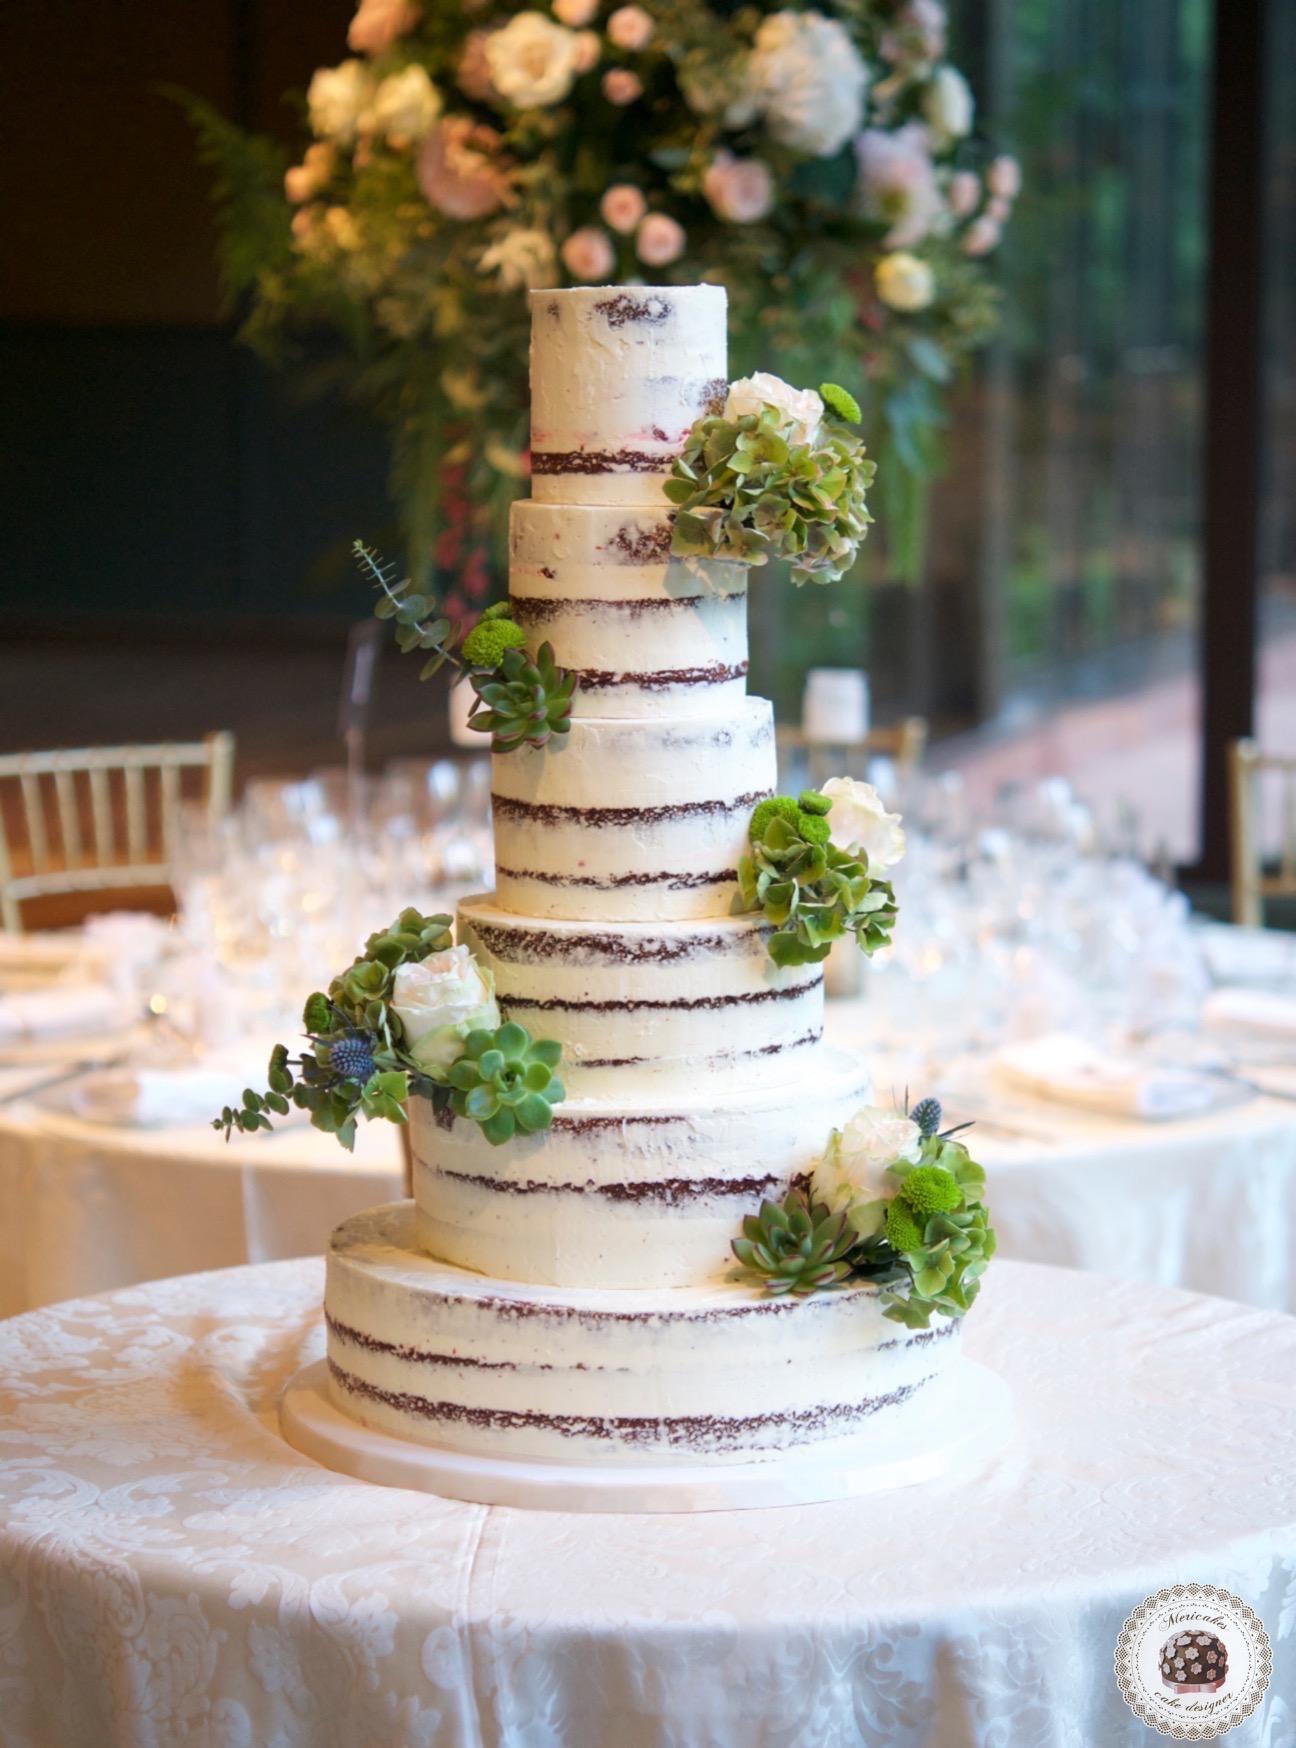 mericakes-tarta-de-boda-naked-cake-wedding-cake-suculenta-cake-fresh-flowers-crasa-cake-bell-reco-red-velvet-pastel-barcelona-wedding-spain-wedding-2